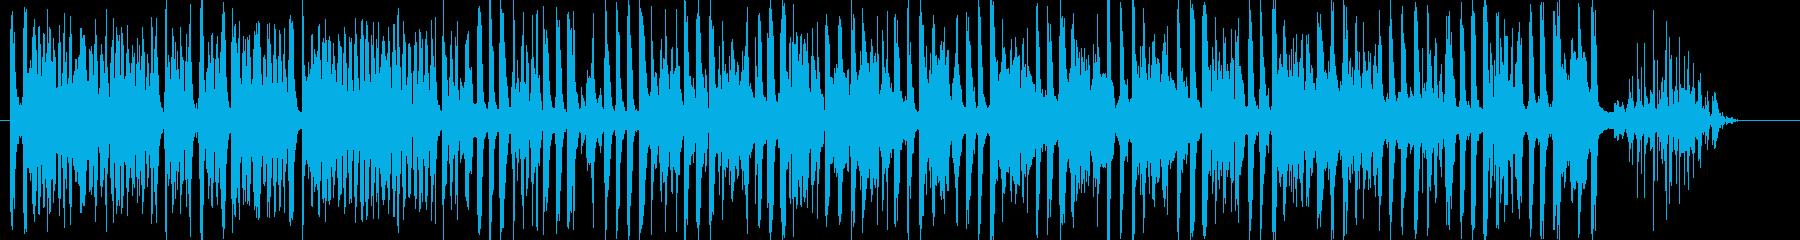 サンフェルミンとヤシの木の再生済みの波形